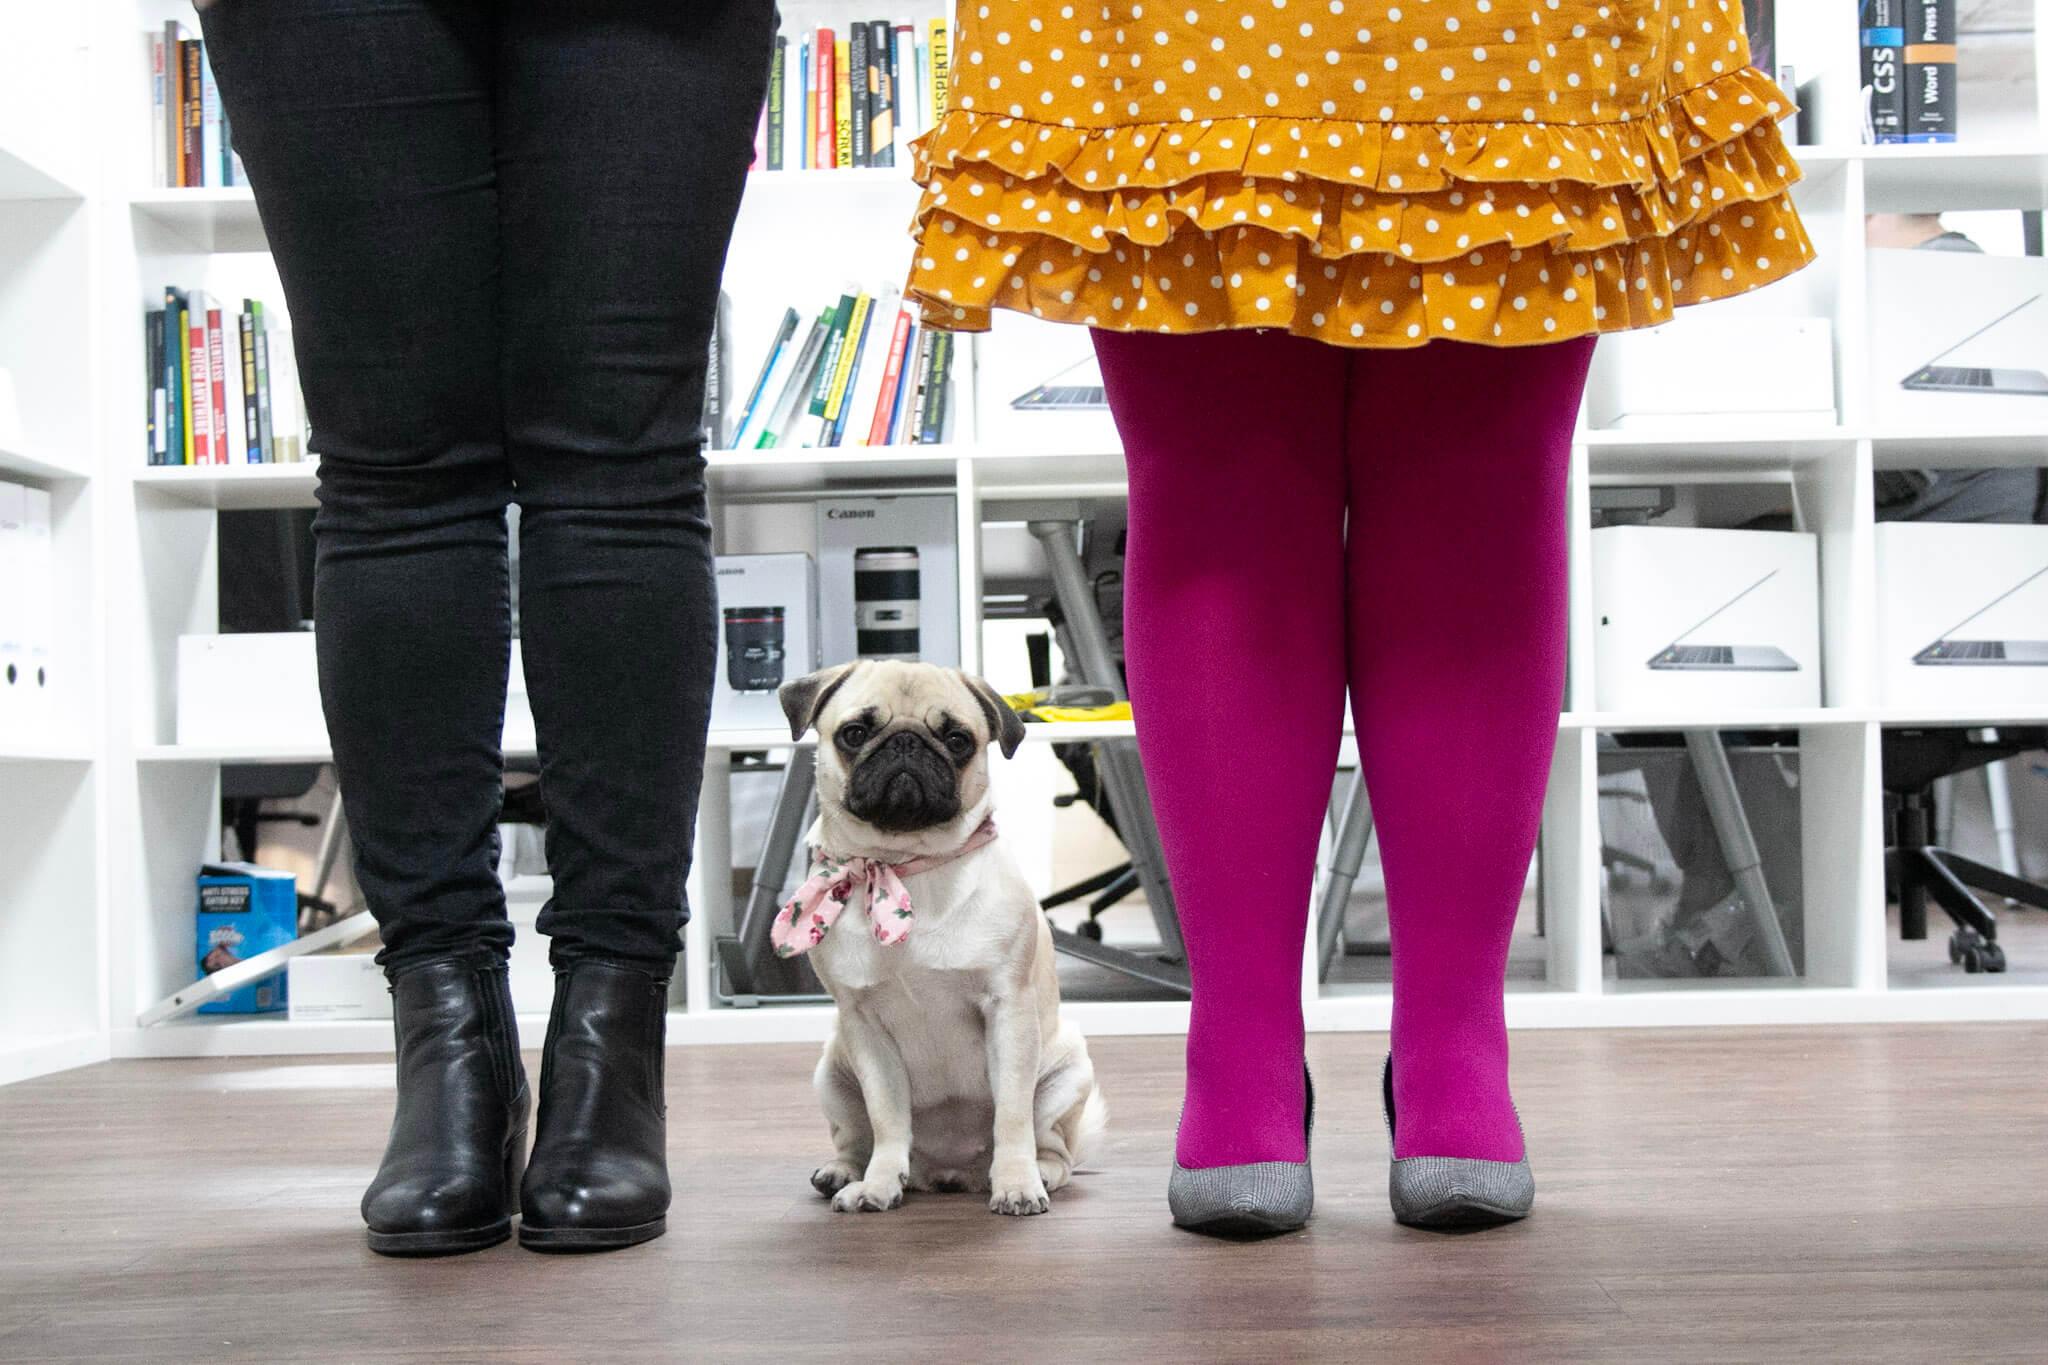 6 Tipps, um deine Individualität in deinem Personal Brand Fotoshooting in Szene zu setzen